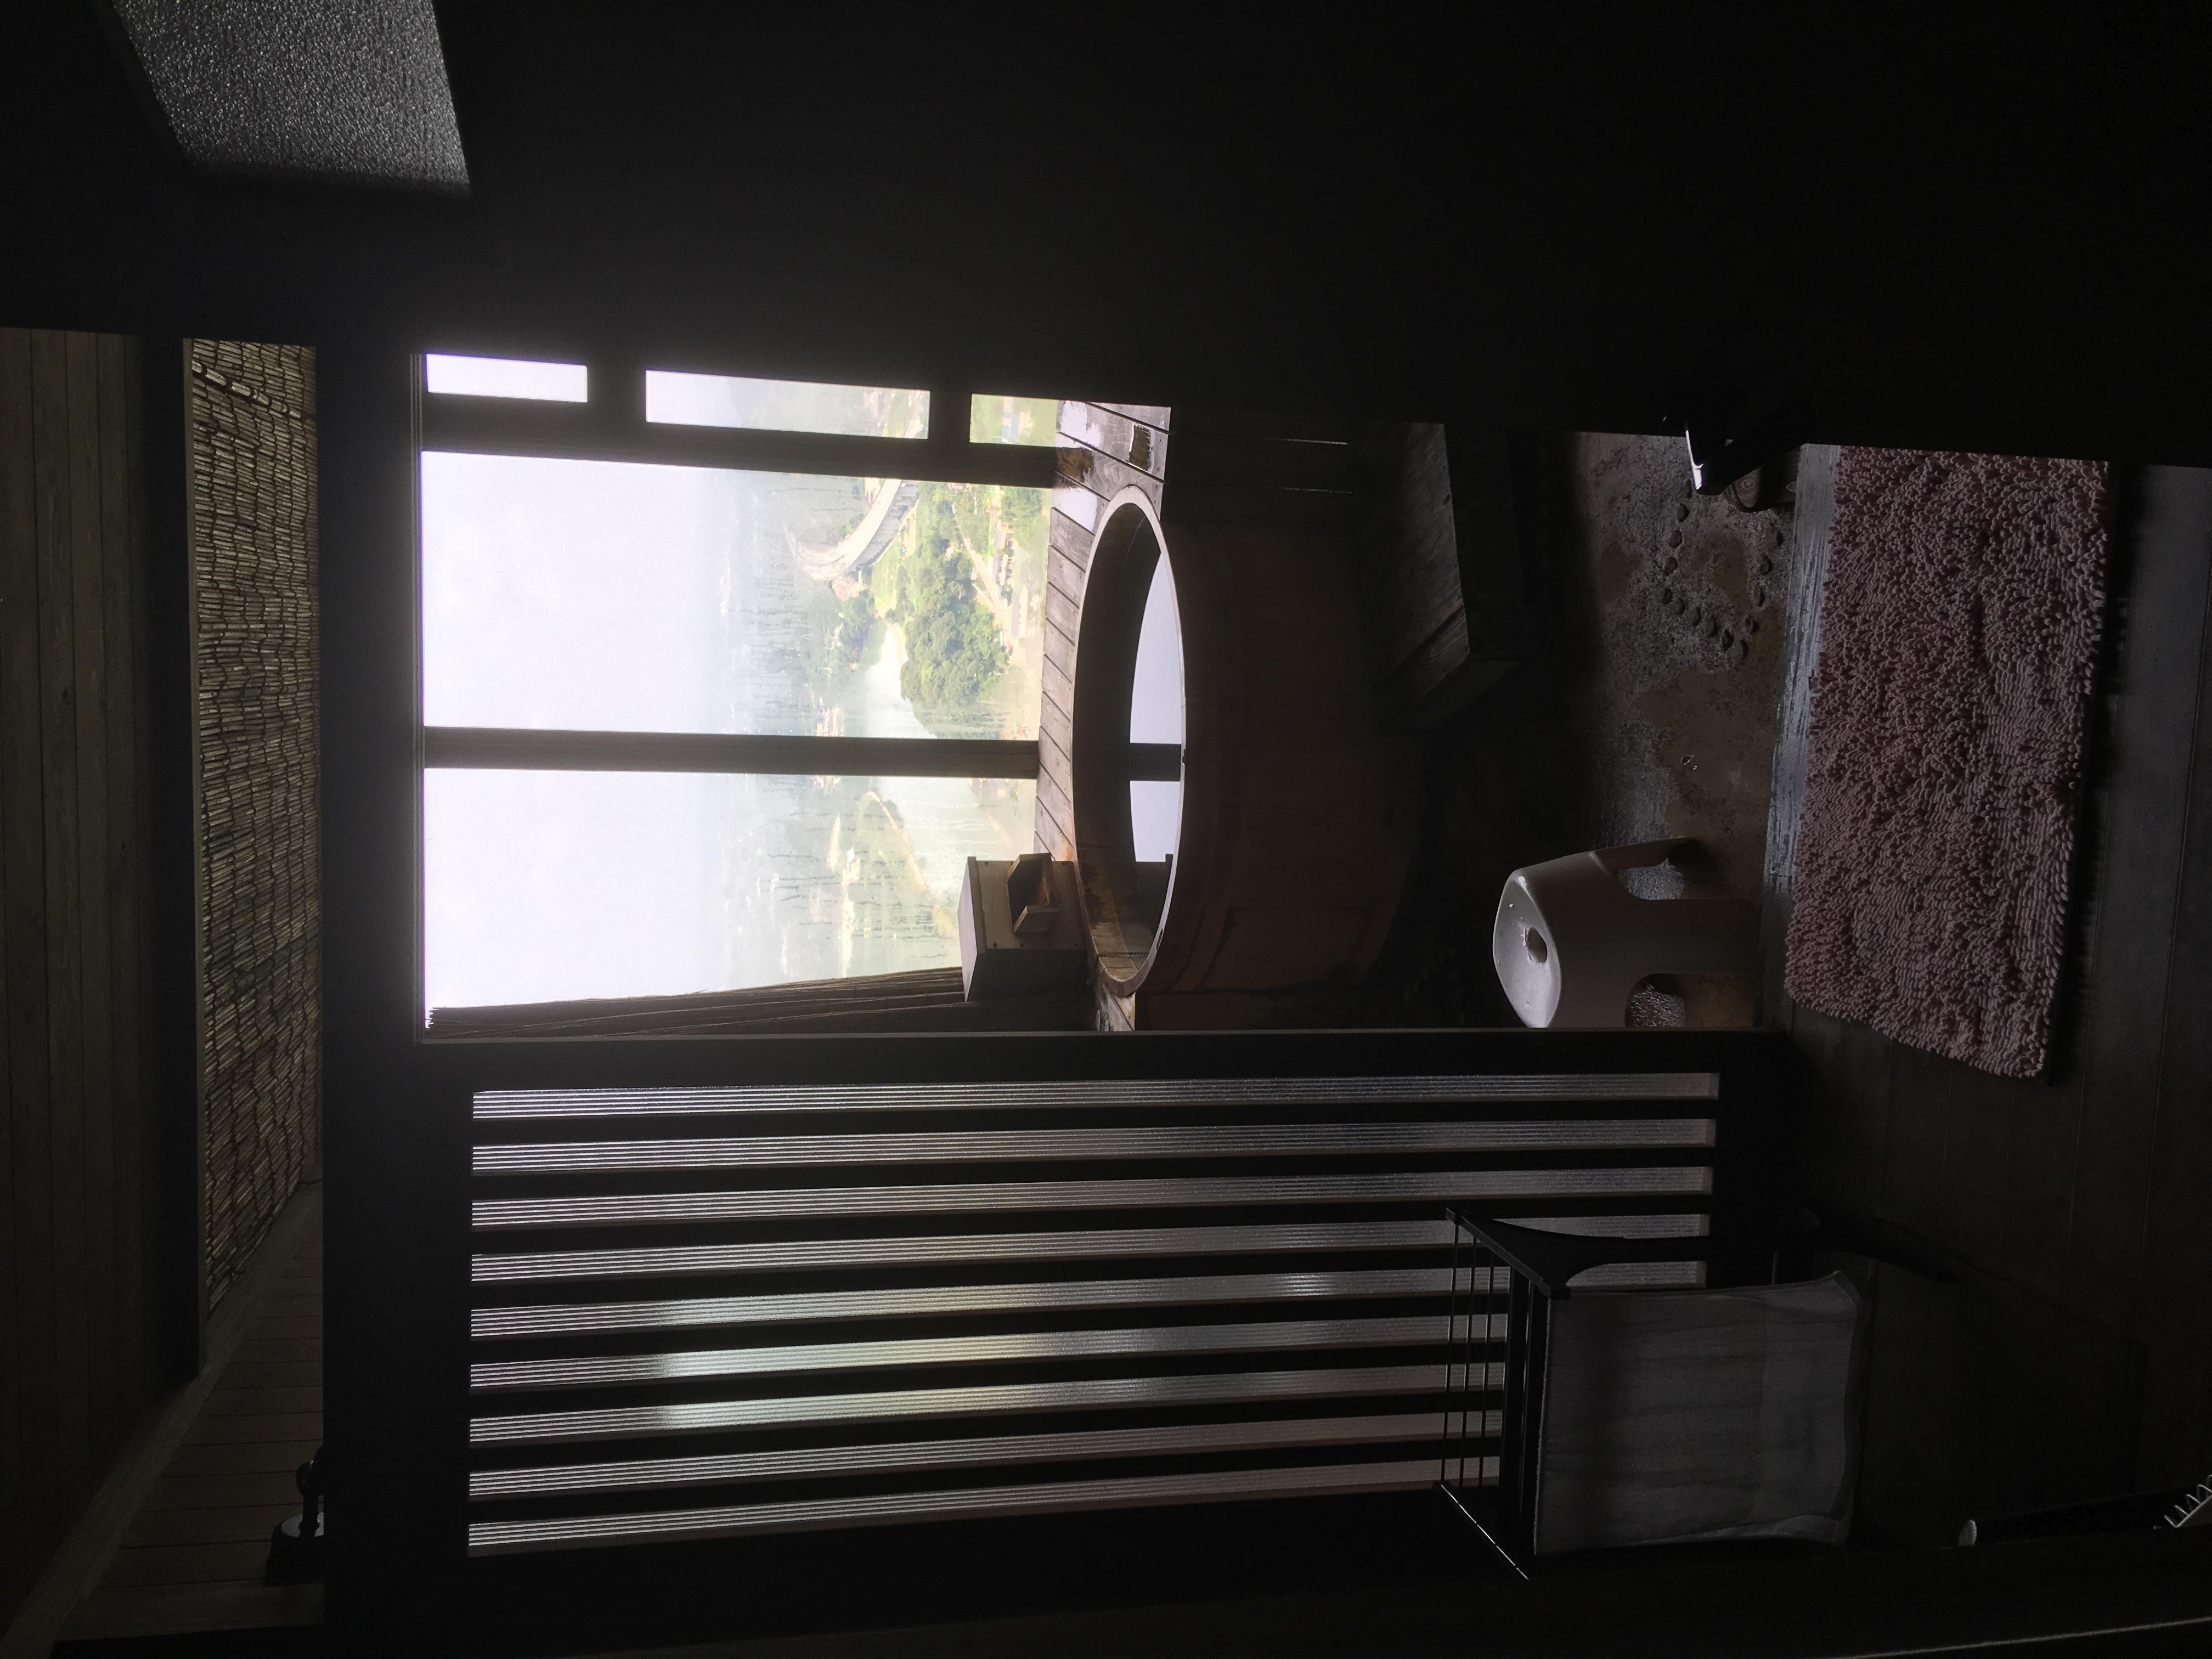 ビュー ホテル 平成